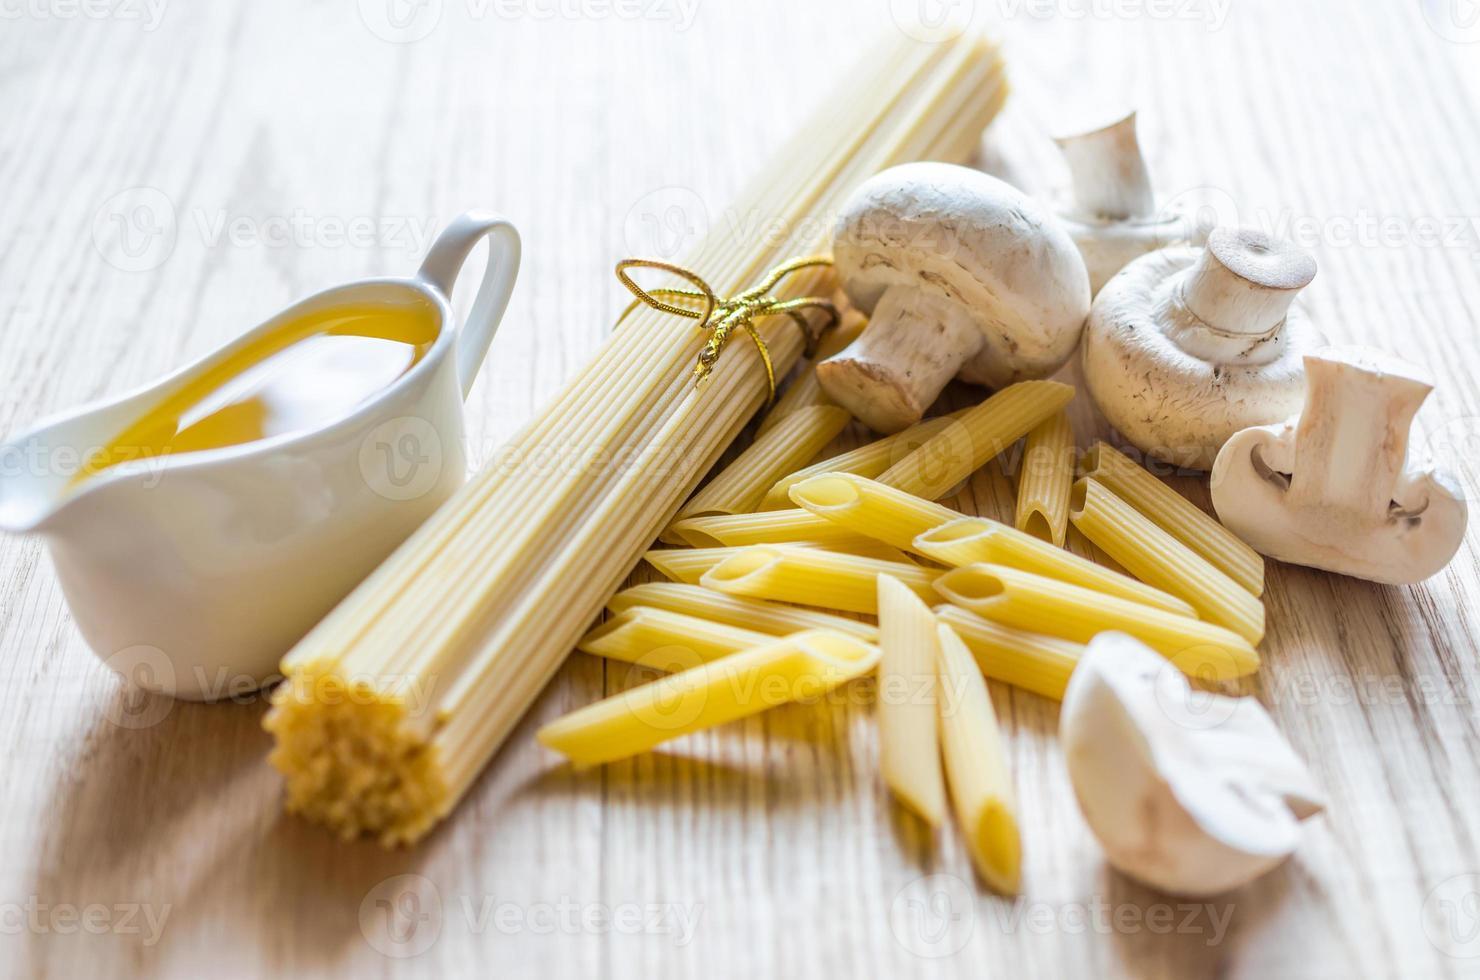 espagueti y penne con ingredientes de pasta foto